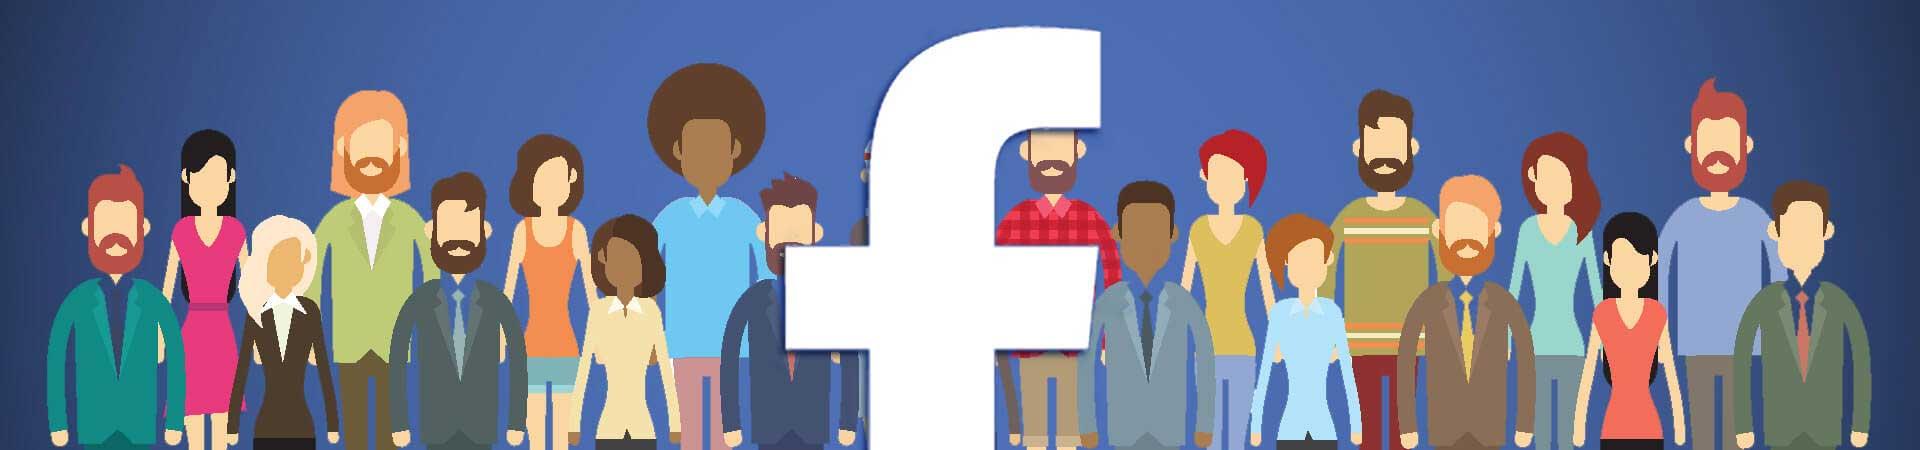 Expresreacties voor Facebook - hoveniers